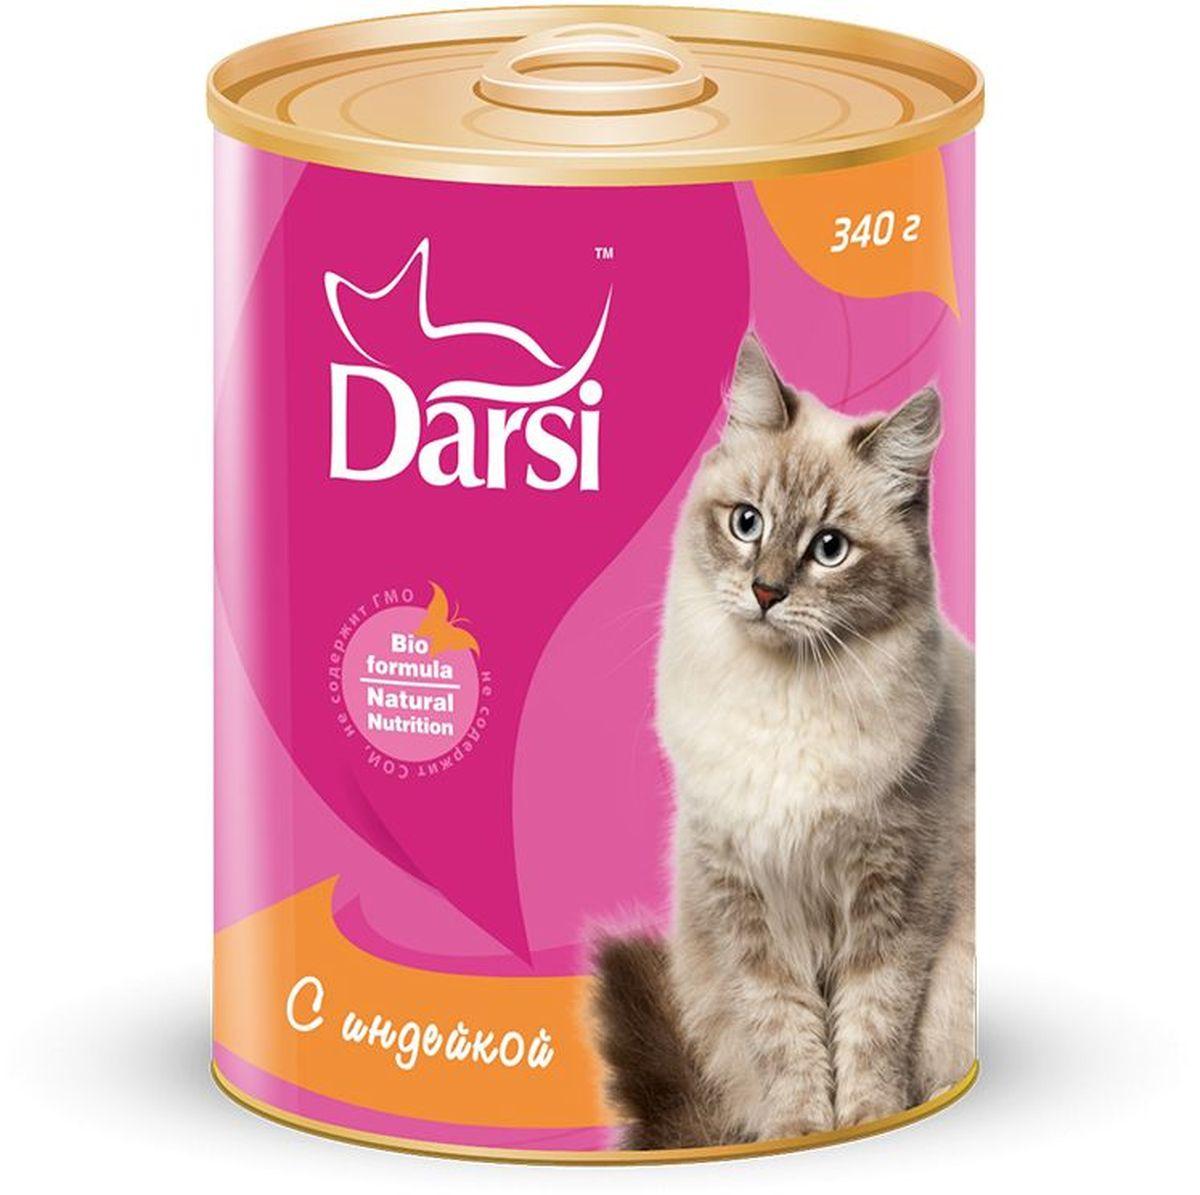 Консервы для кошек Darsi, с индейкой, 340 г9211Darsi - полнорационный консервированный корм для кошек в виде фарша. Витамины Е и природные антиоксиданты повышают защитные функции организма вашей кошки от неблагоприятного воздействия окружающей среды. Сбалансированное содержание омега-3 и омега-6 ненасыщенных жирных кислот и органический цинк обеспечивают здоровую кожу и блестящую мягкую шерсть. Сбалансированное соотношение кальция и фосфора способствует правильному развитию костей. Высоко усвояемые питательные вещества способствуют правильной работе кишечника. Состав: мясо индейки, субпродукты, желирующая добавка, таурин, растительное масло, злаки, соль, вода. Минеральные вещества: фосфор 0,7 г, кальций 0,5 г, таурин 0,2 г. Энергетическая ценность: 144 ккал.Товар сертифицирован.